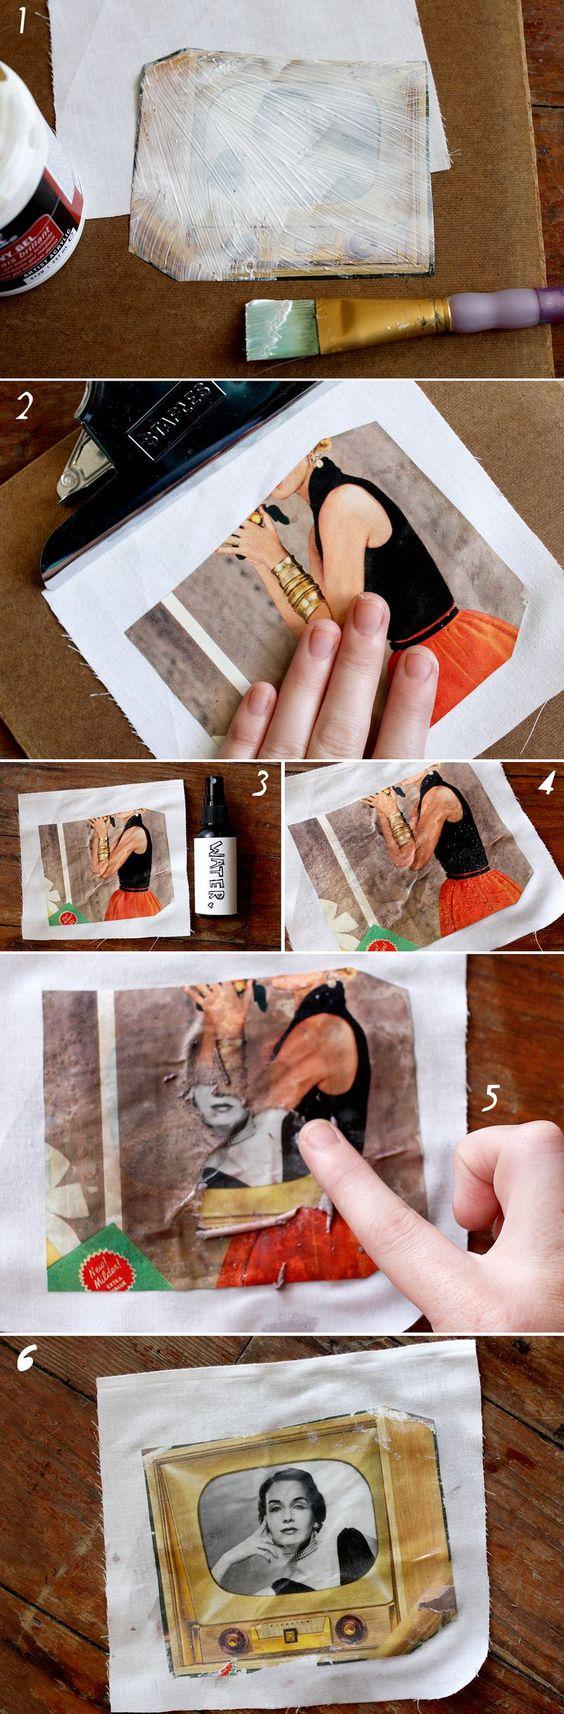 Maneira fácil de transferir uma foto para tecido.